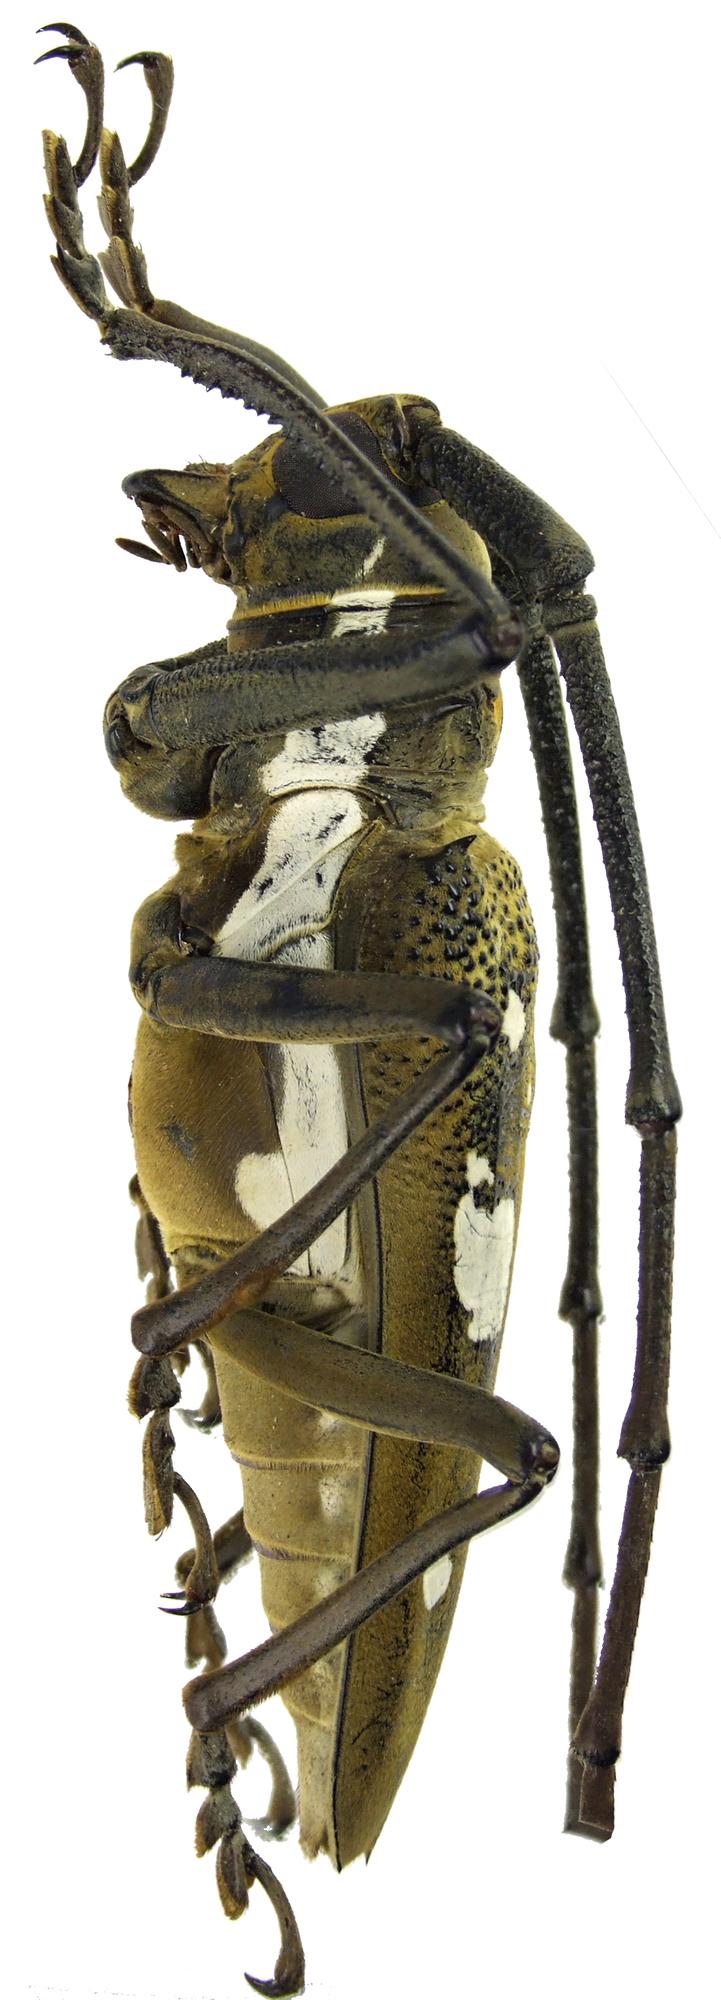 Batocera celebiana NM61840cz45.jpg